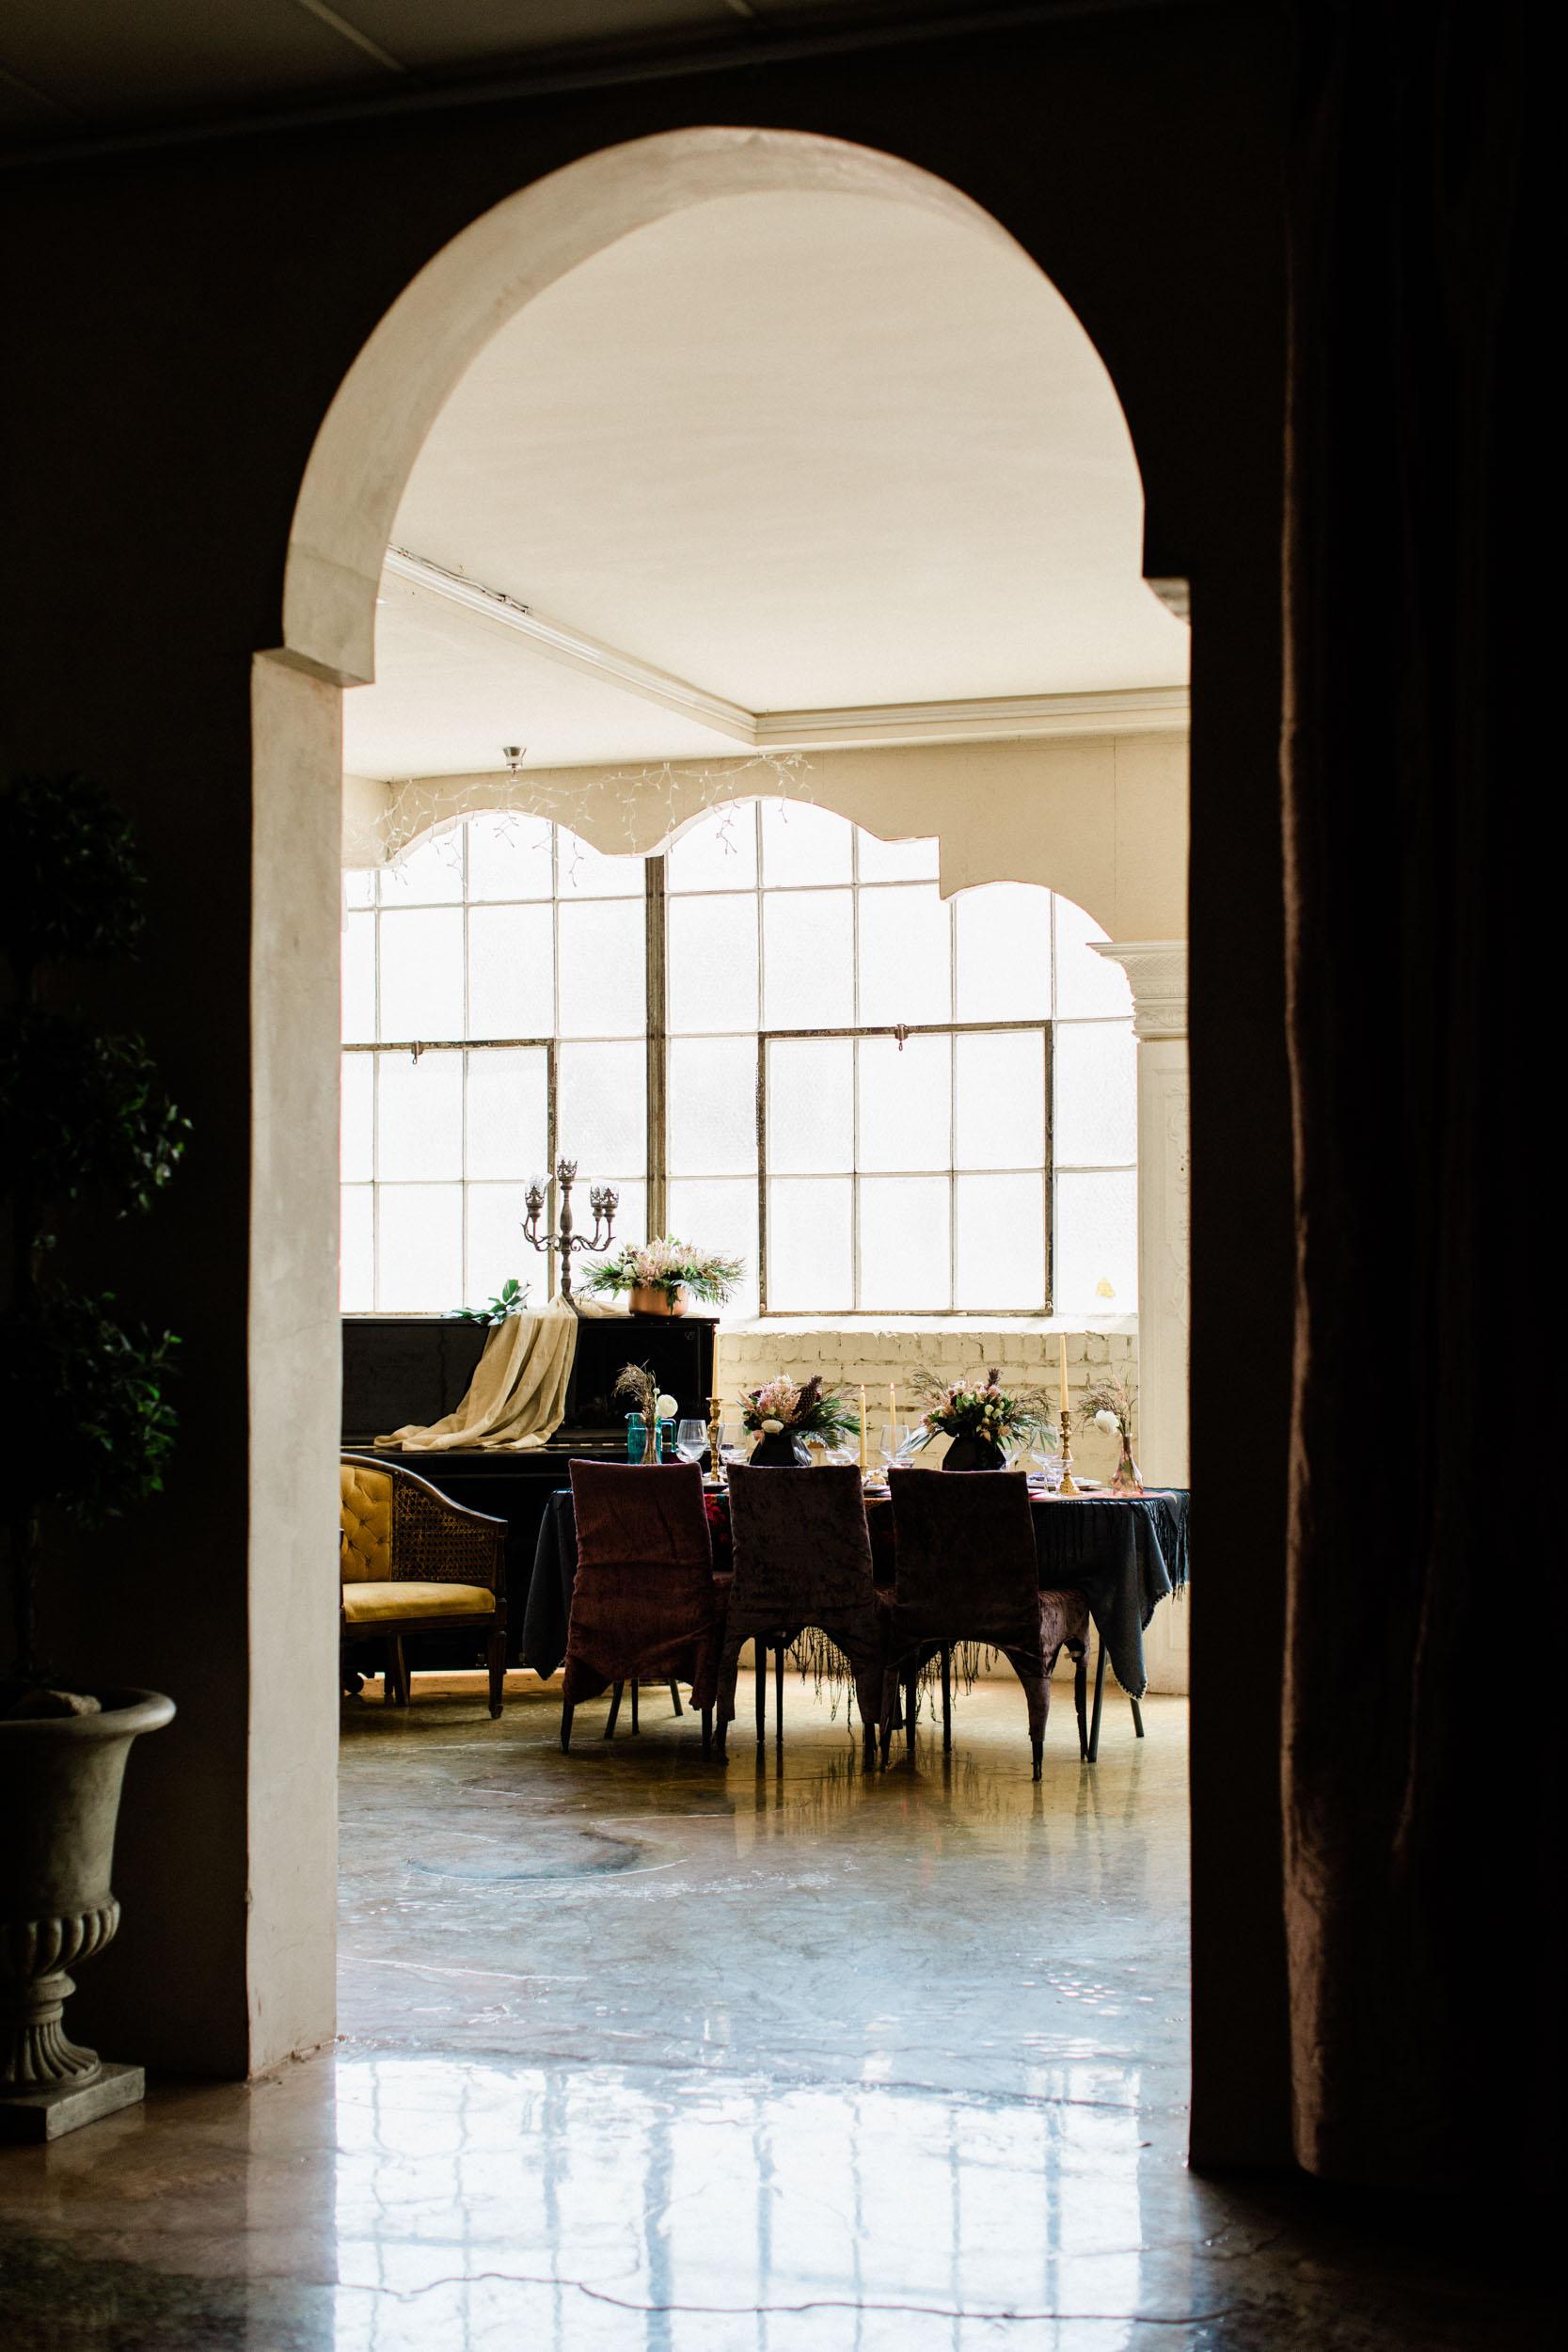 BKM-Photography-Dark-Gothic-Madeline-Garden-Bistro-Pasadena-Wedding-Photographer-Janelle-Loiselle-0030.jpg